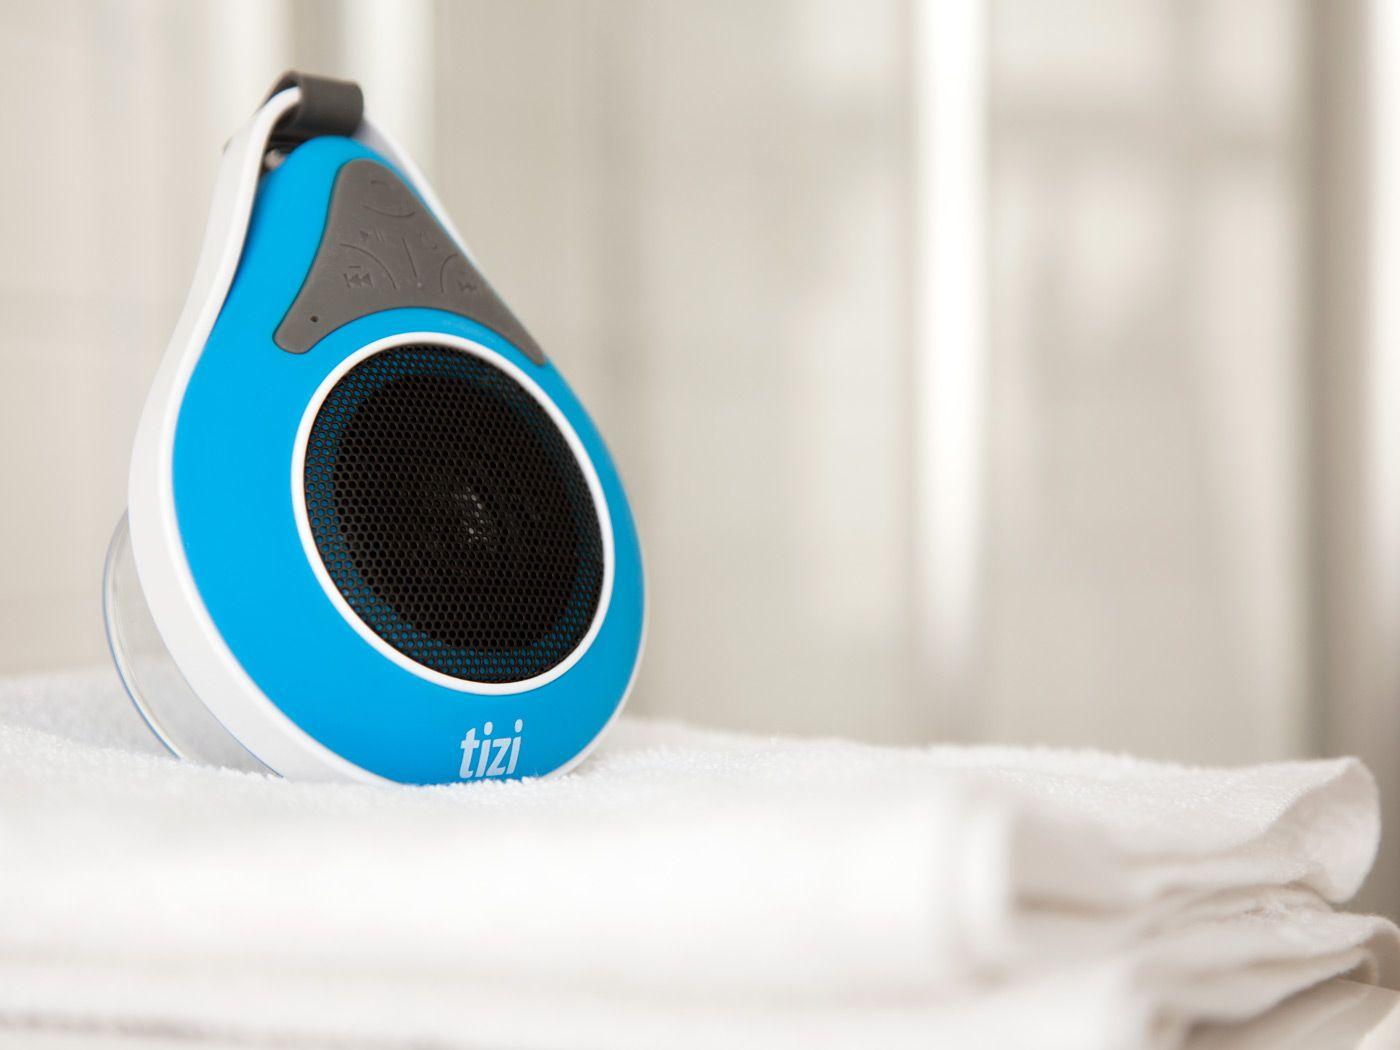 Wasserdichter Bluetooth Lautsprecher Furs Badezimmer Www Tizi Tv Sound Lautsprecher Bluetooth Lautsprecher Bluetooth